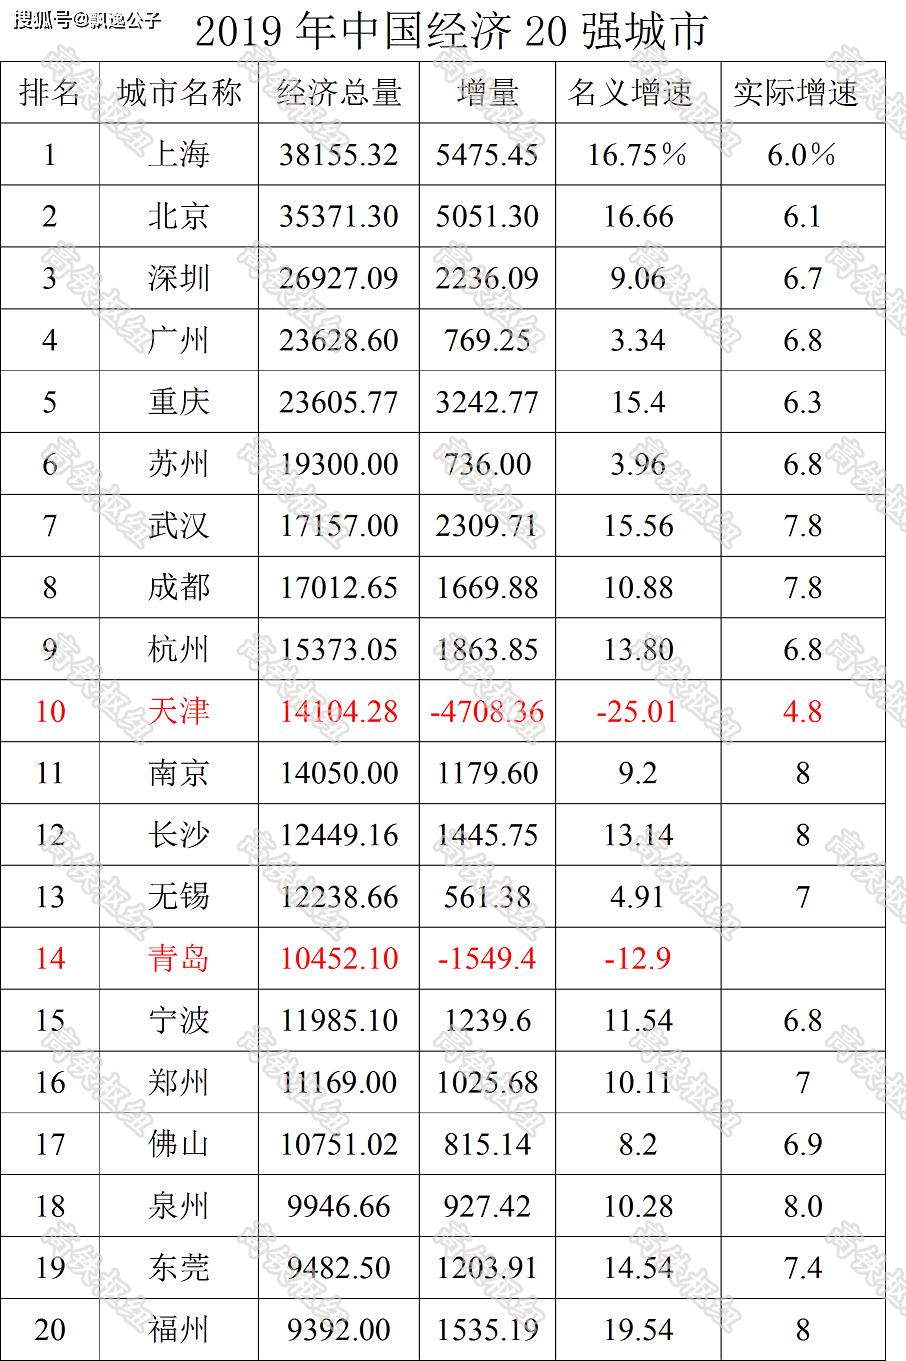 2019年gdp中国城市排名_中国城市gdp排名2020